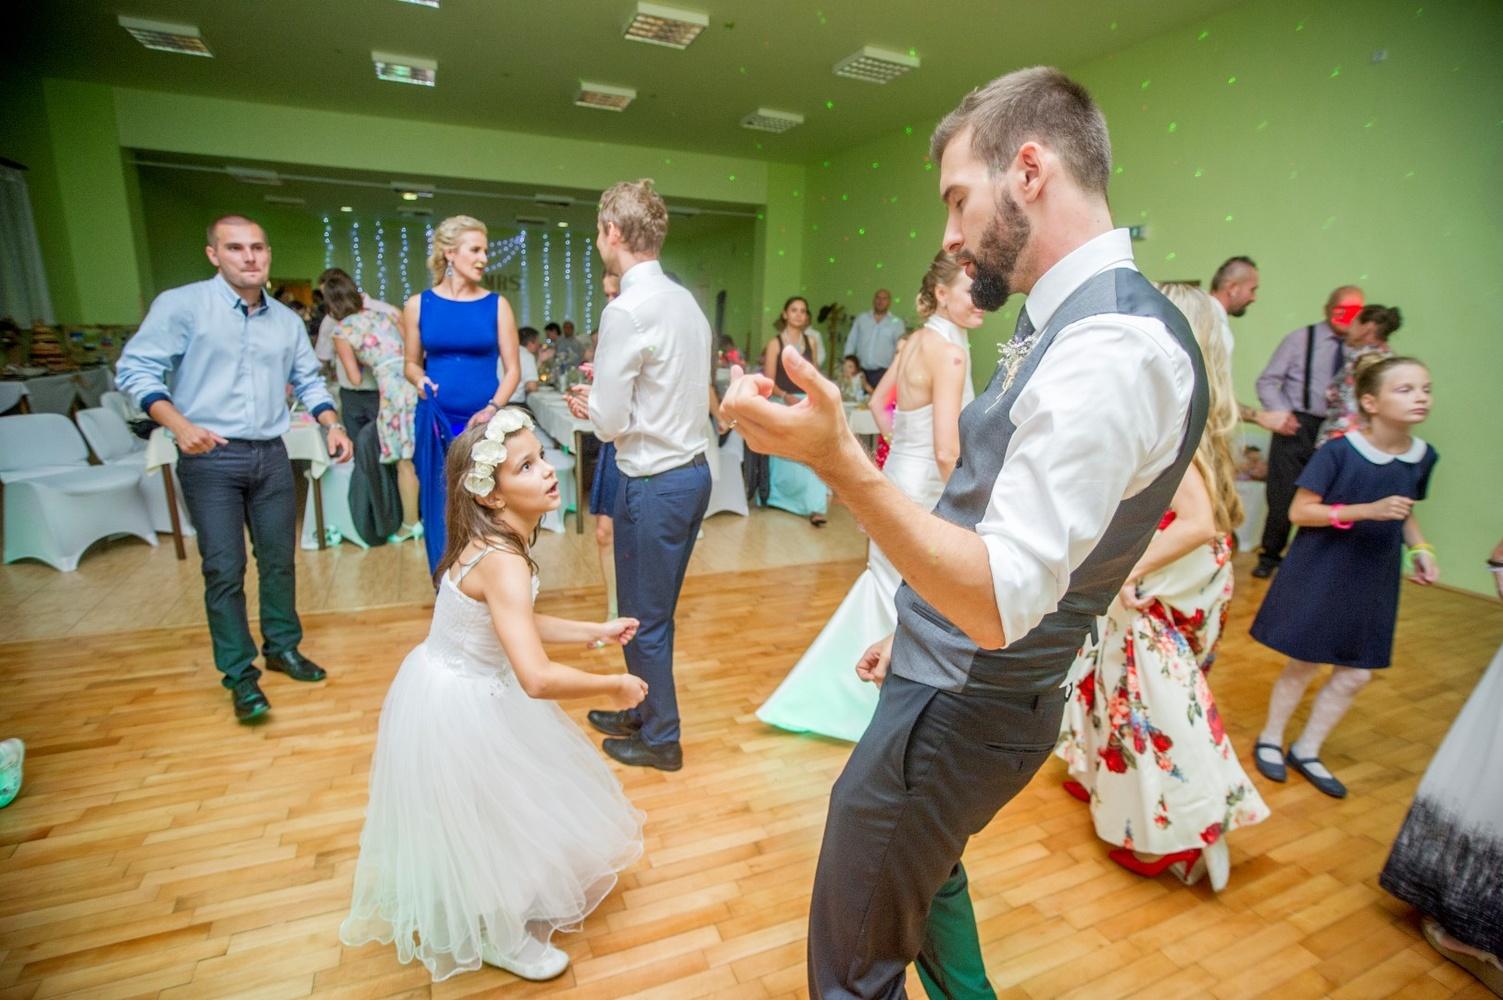 http://www.fotoz.sk/images/gallery-8/normal/eskuvoi-fotos_svadobny-fotograf_573.jpg